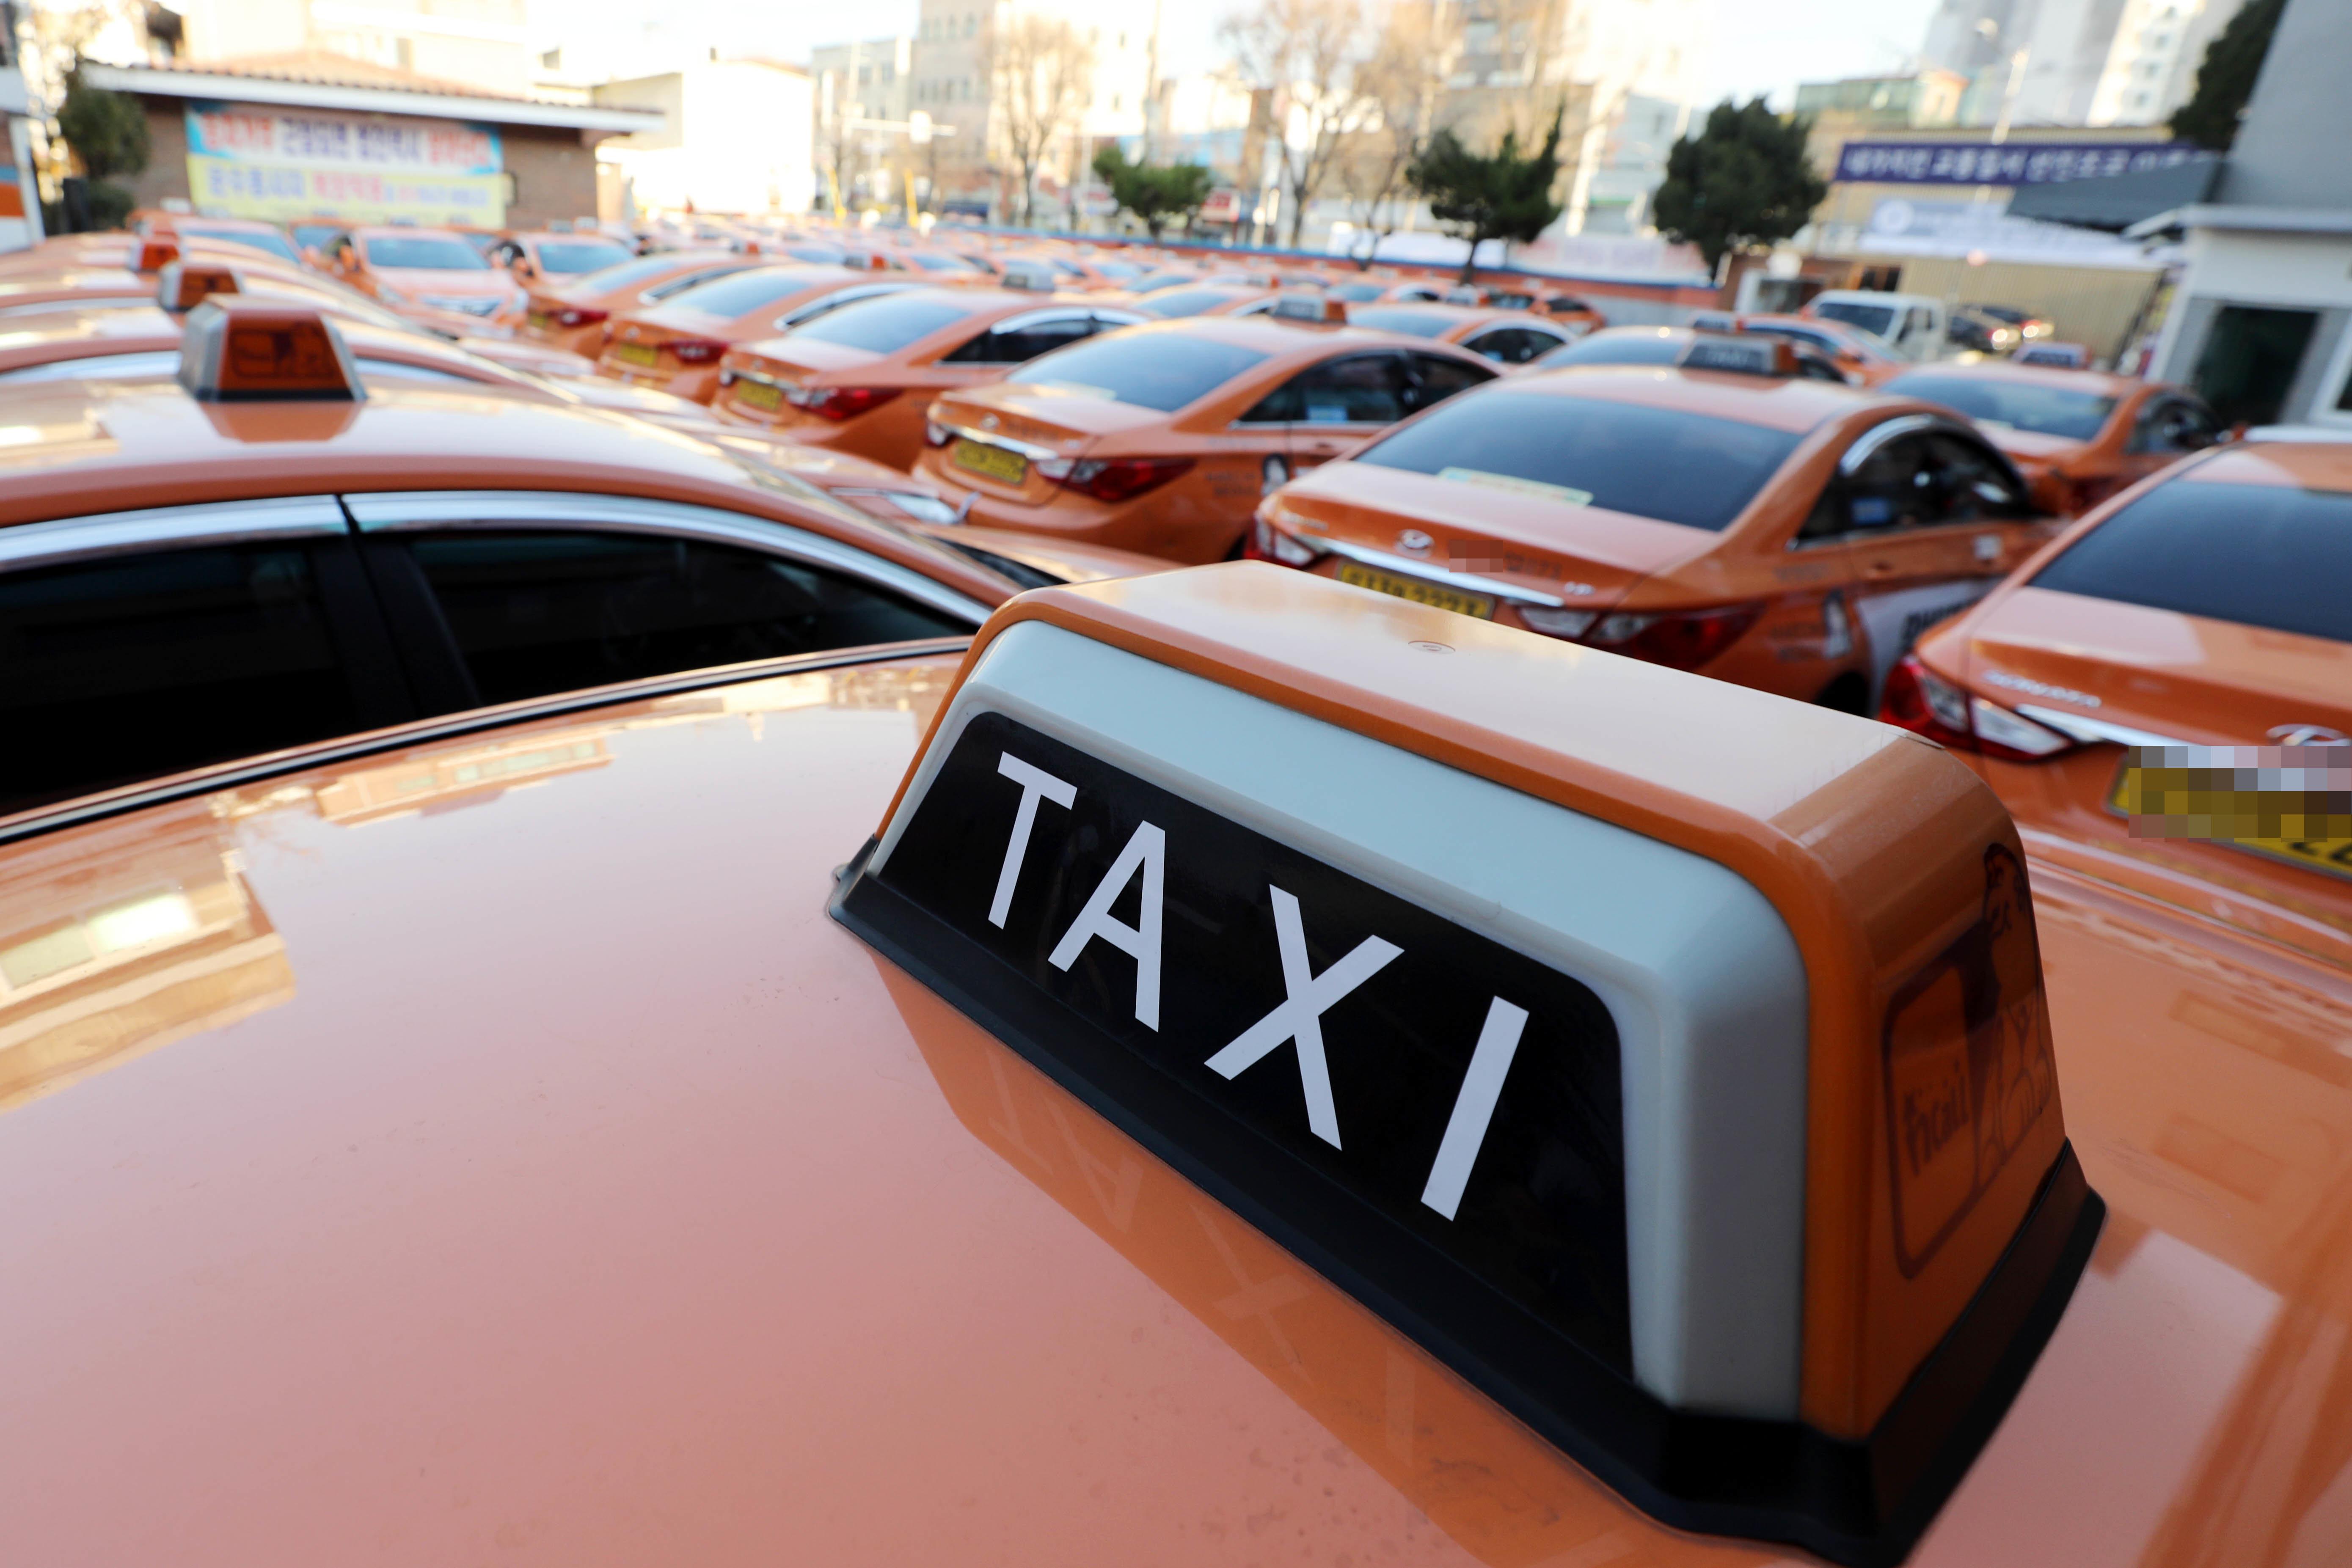 차량공유 서비스는 어떻게 택시 요금보다